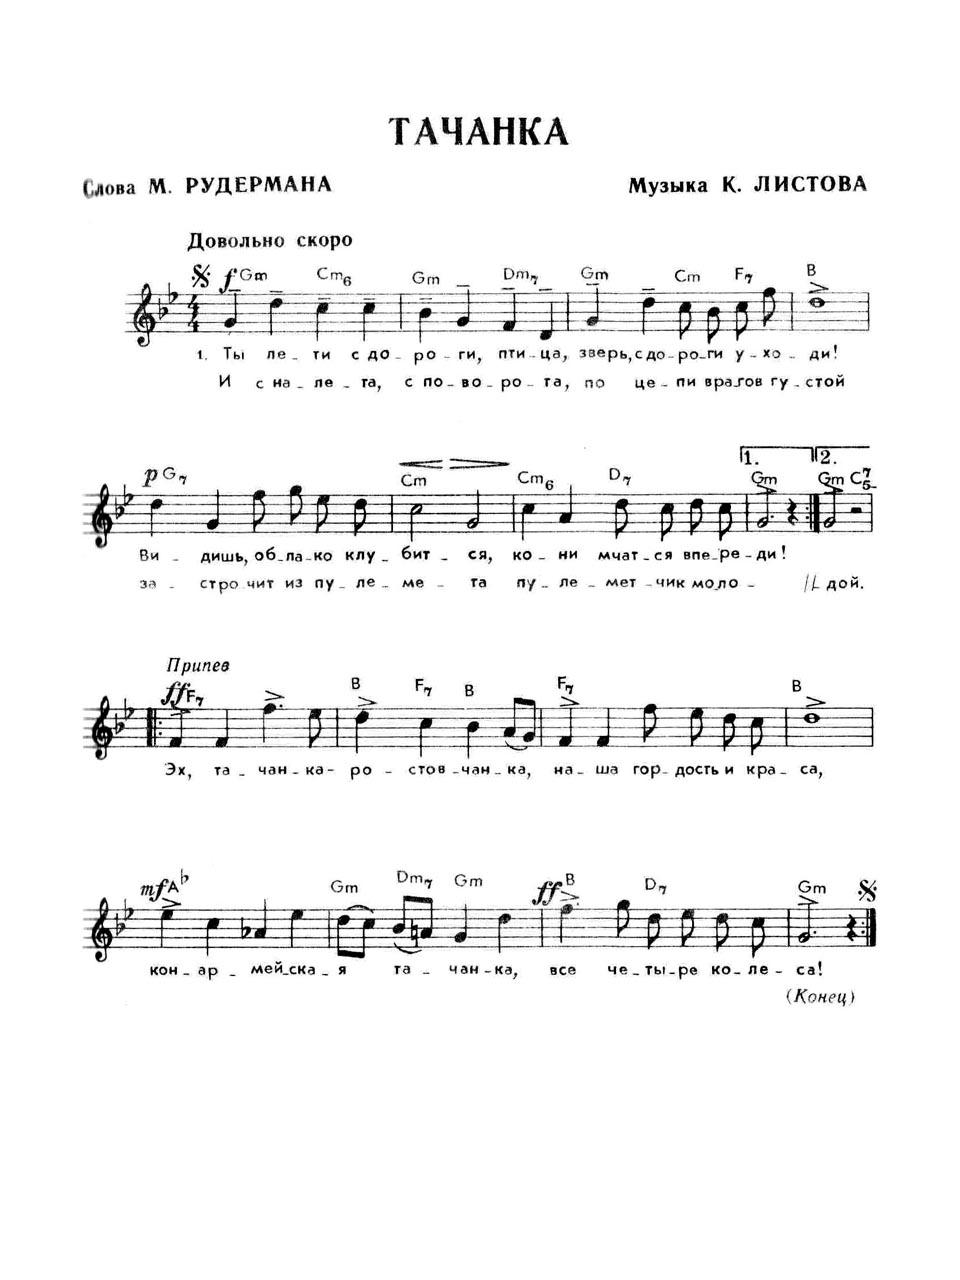 К. Листов, М. Рудерман. «Тачанка». Ноты и аккордовая цифровка